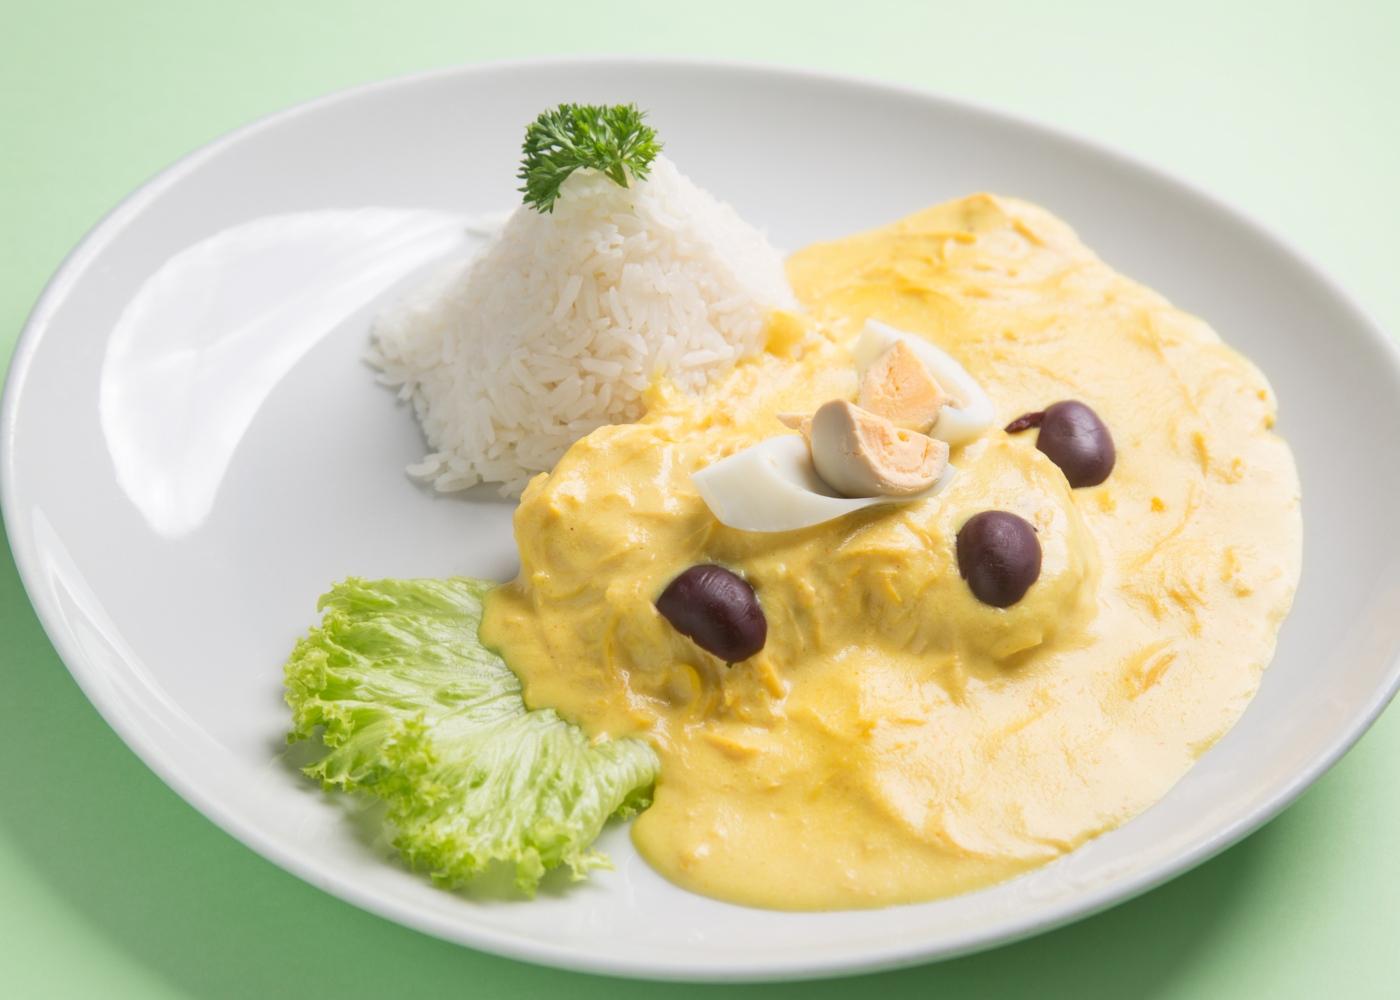 Aji de gallina servido num prato com arroz